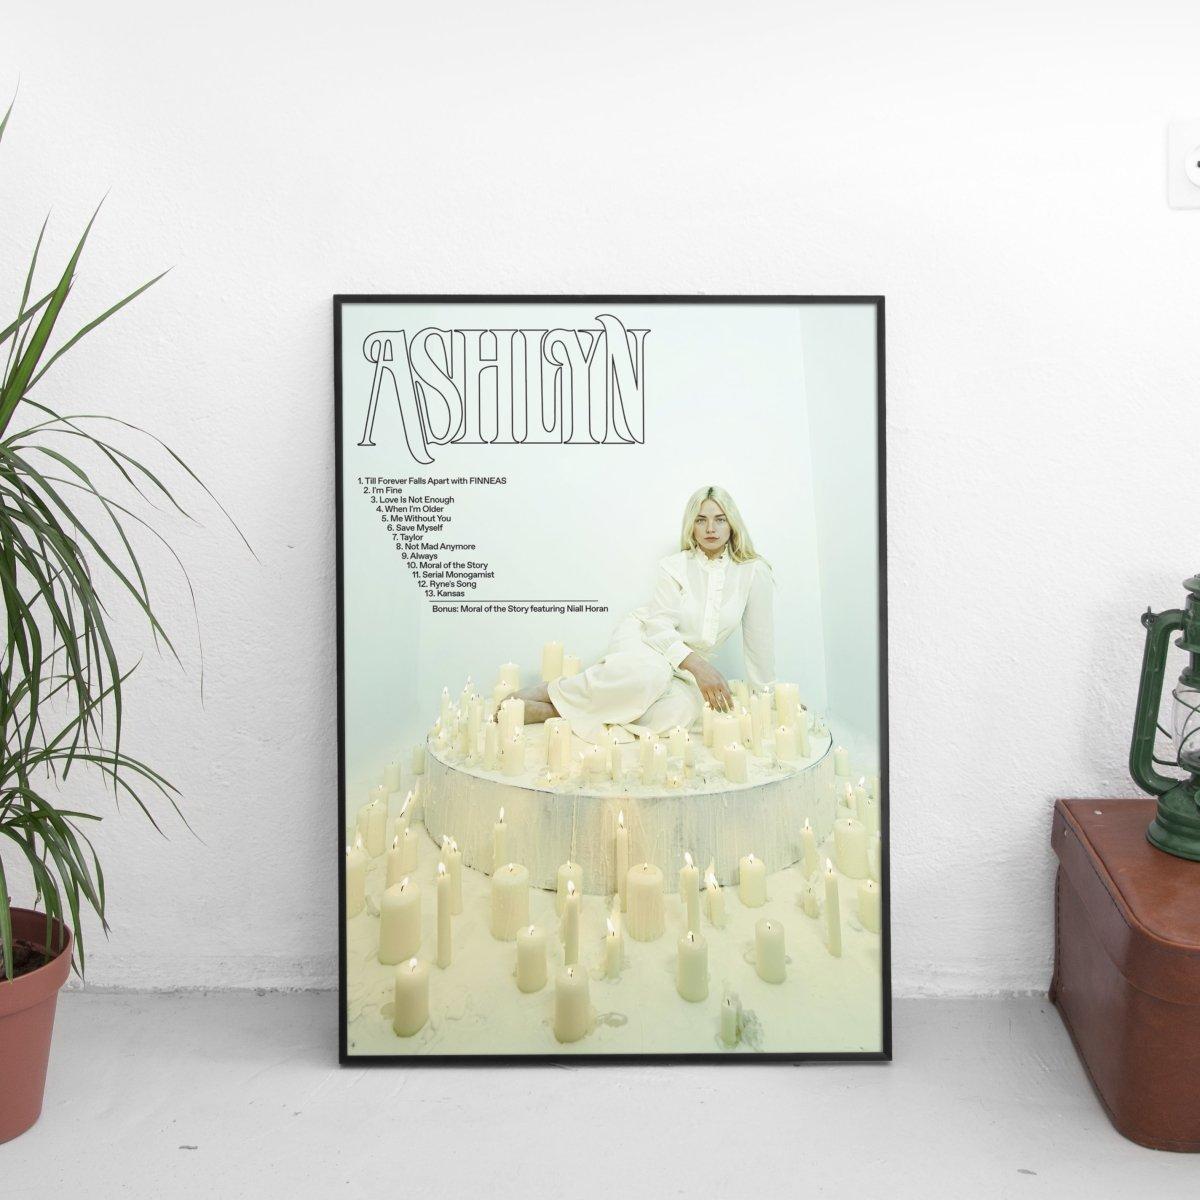 Ashe - Ashlyn Tracklist Poster